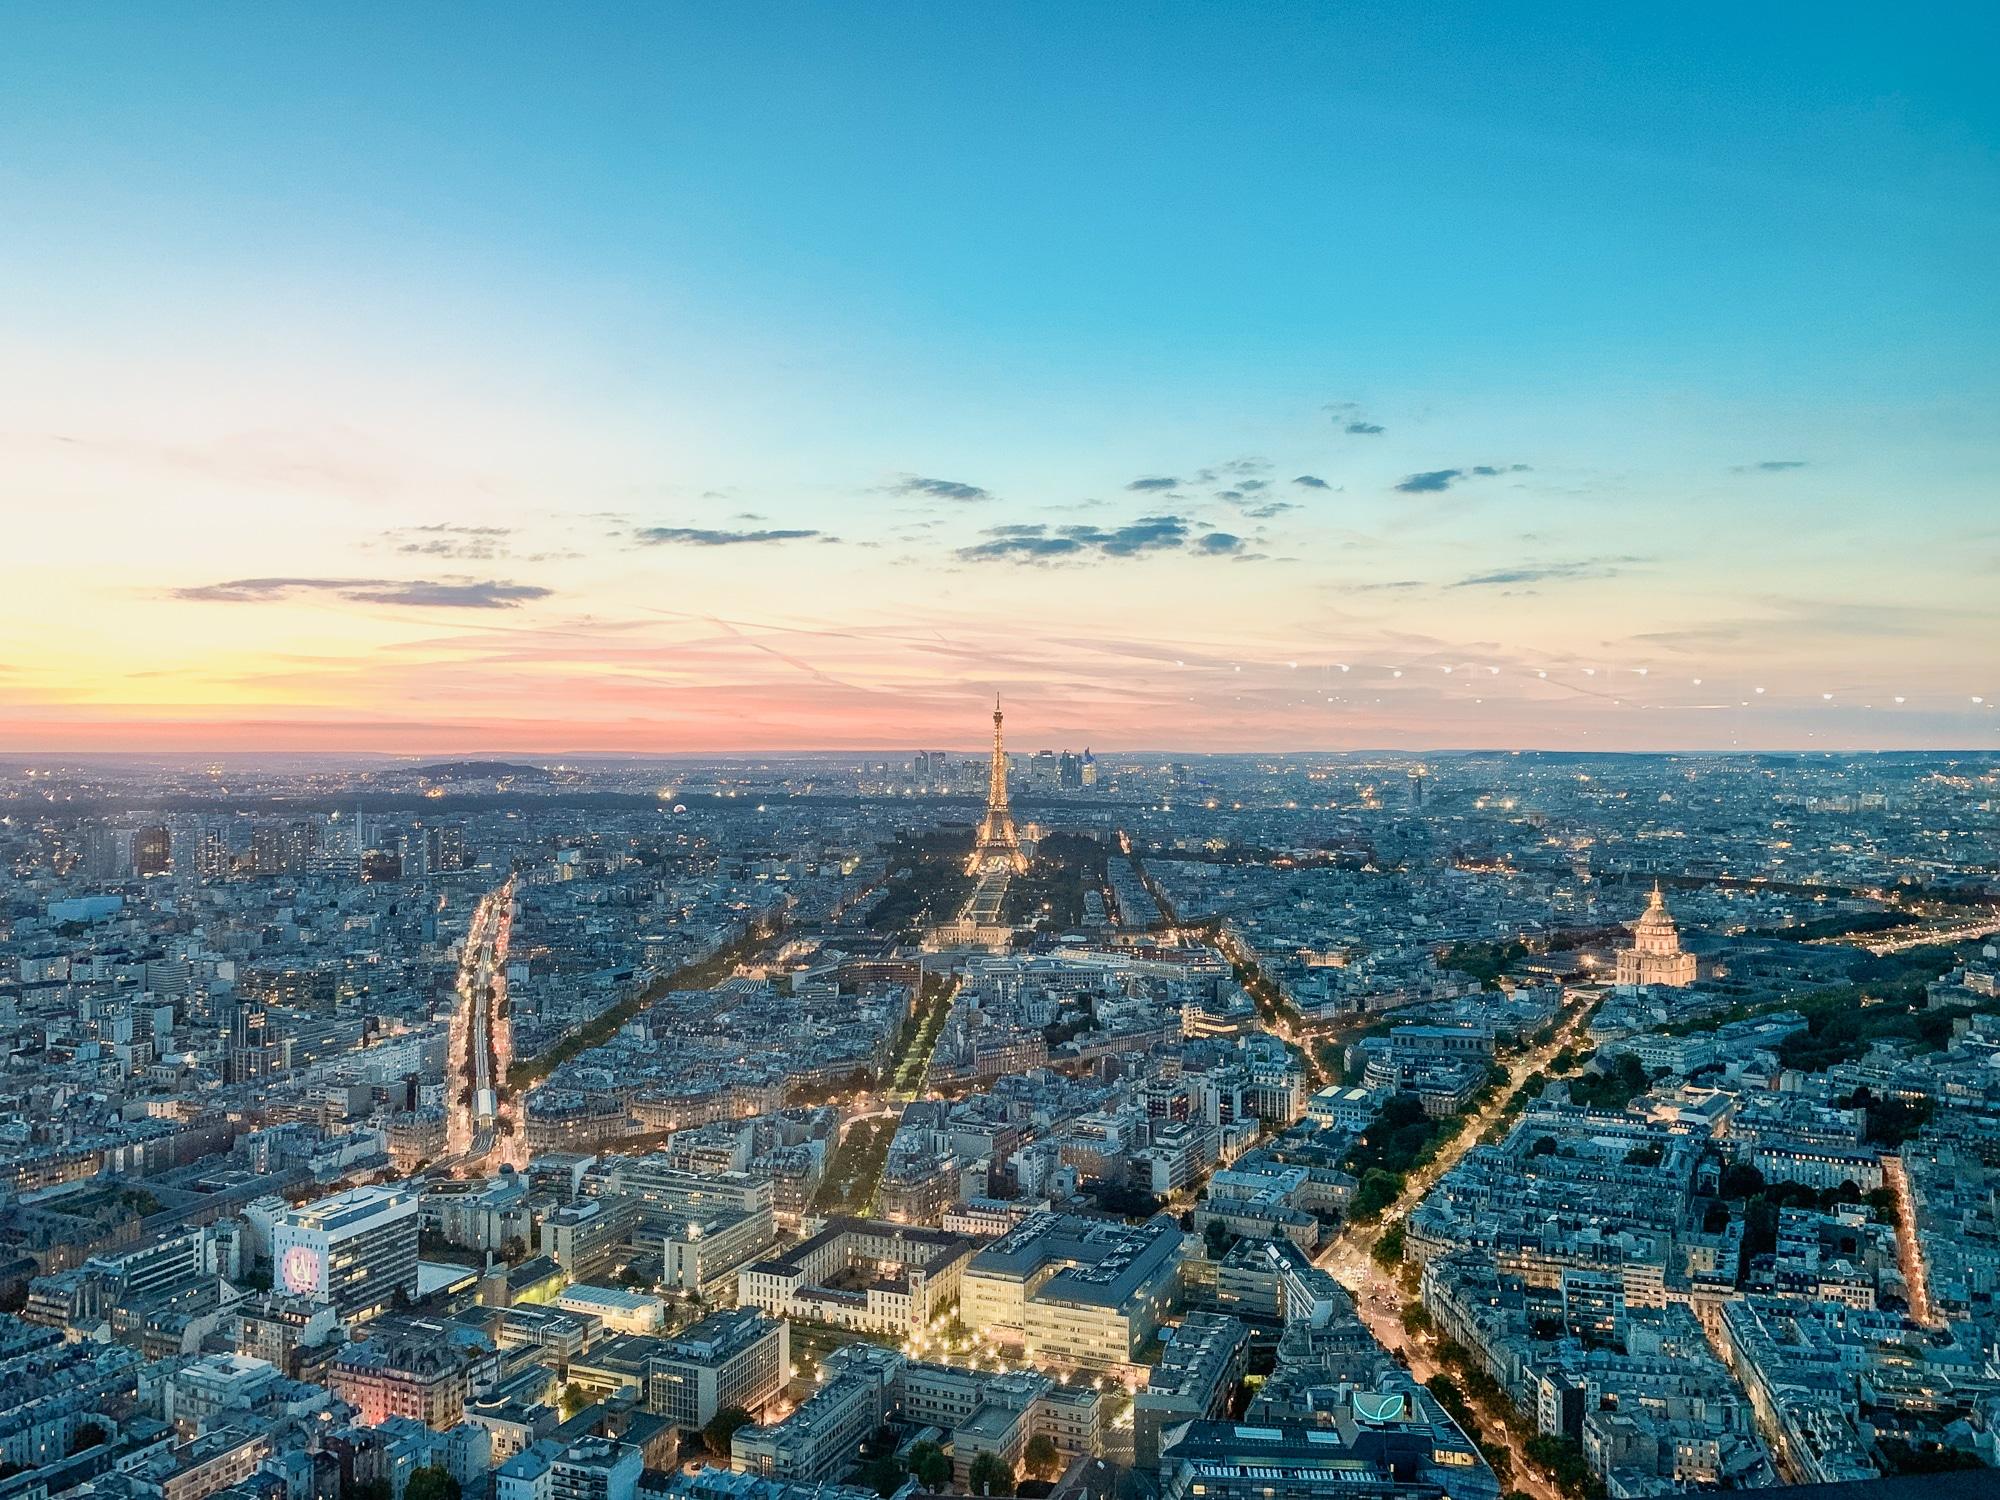 Schönste Fotospots in Paris - und meine liebsten Instagram Hotspots - Montparnasse Tower zum Sonnenuntergang